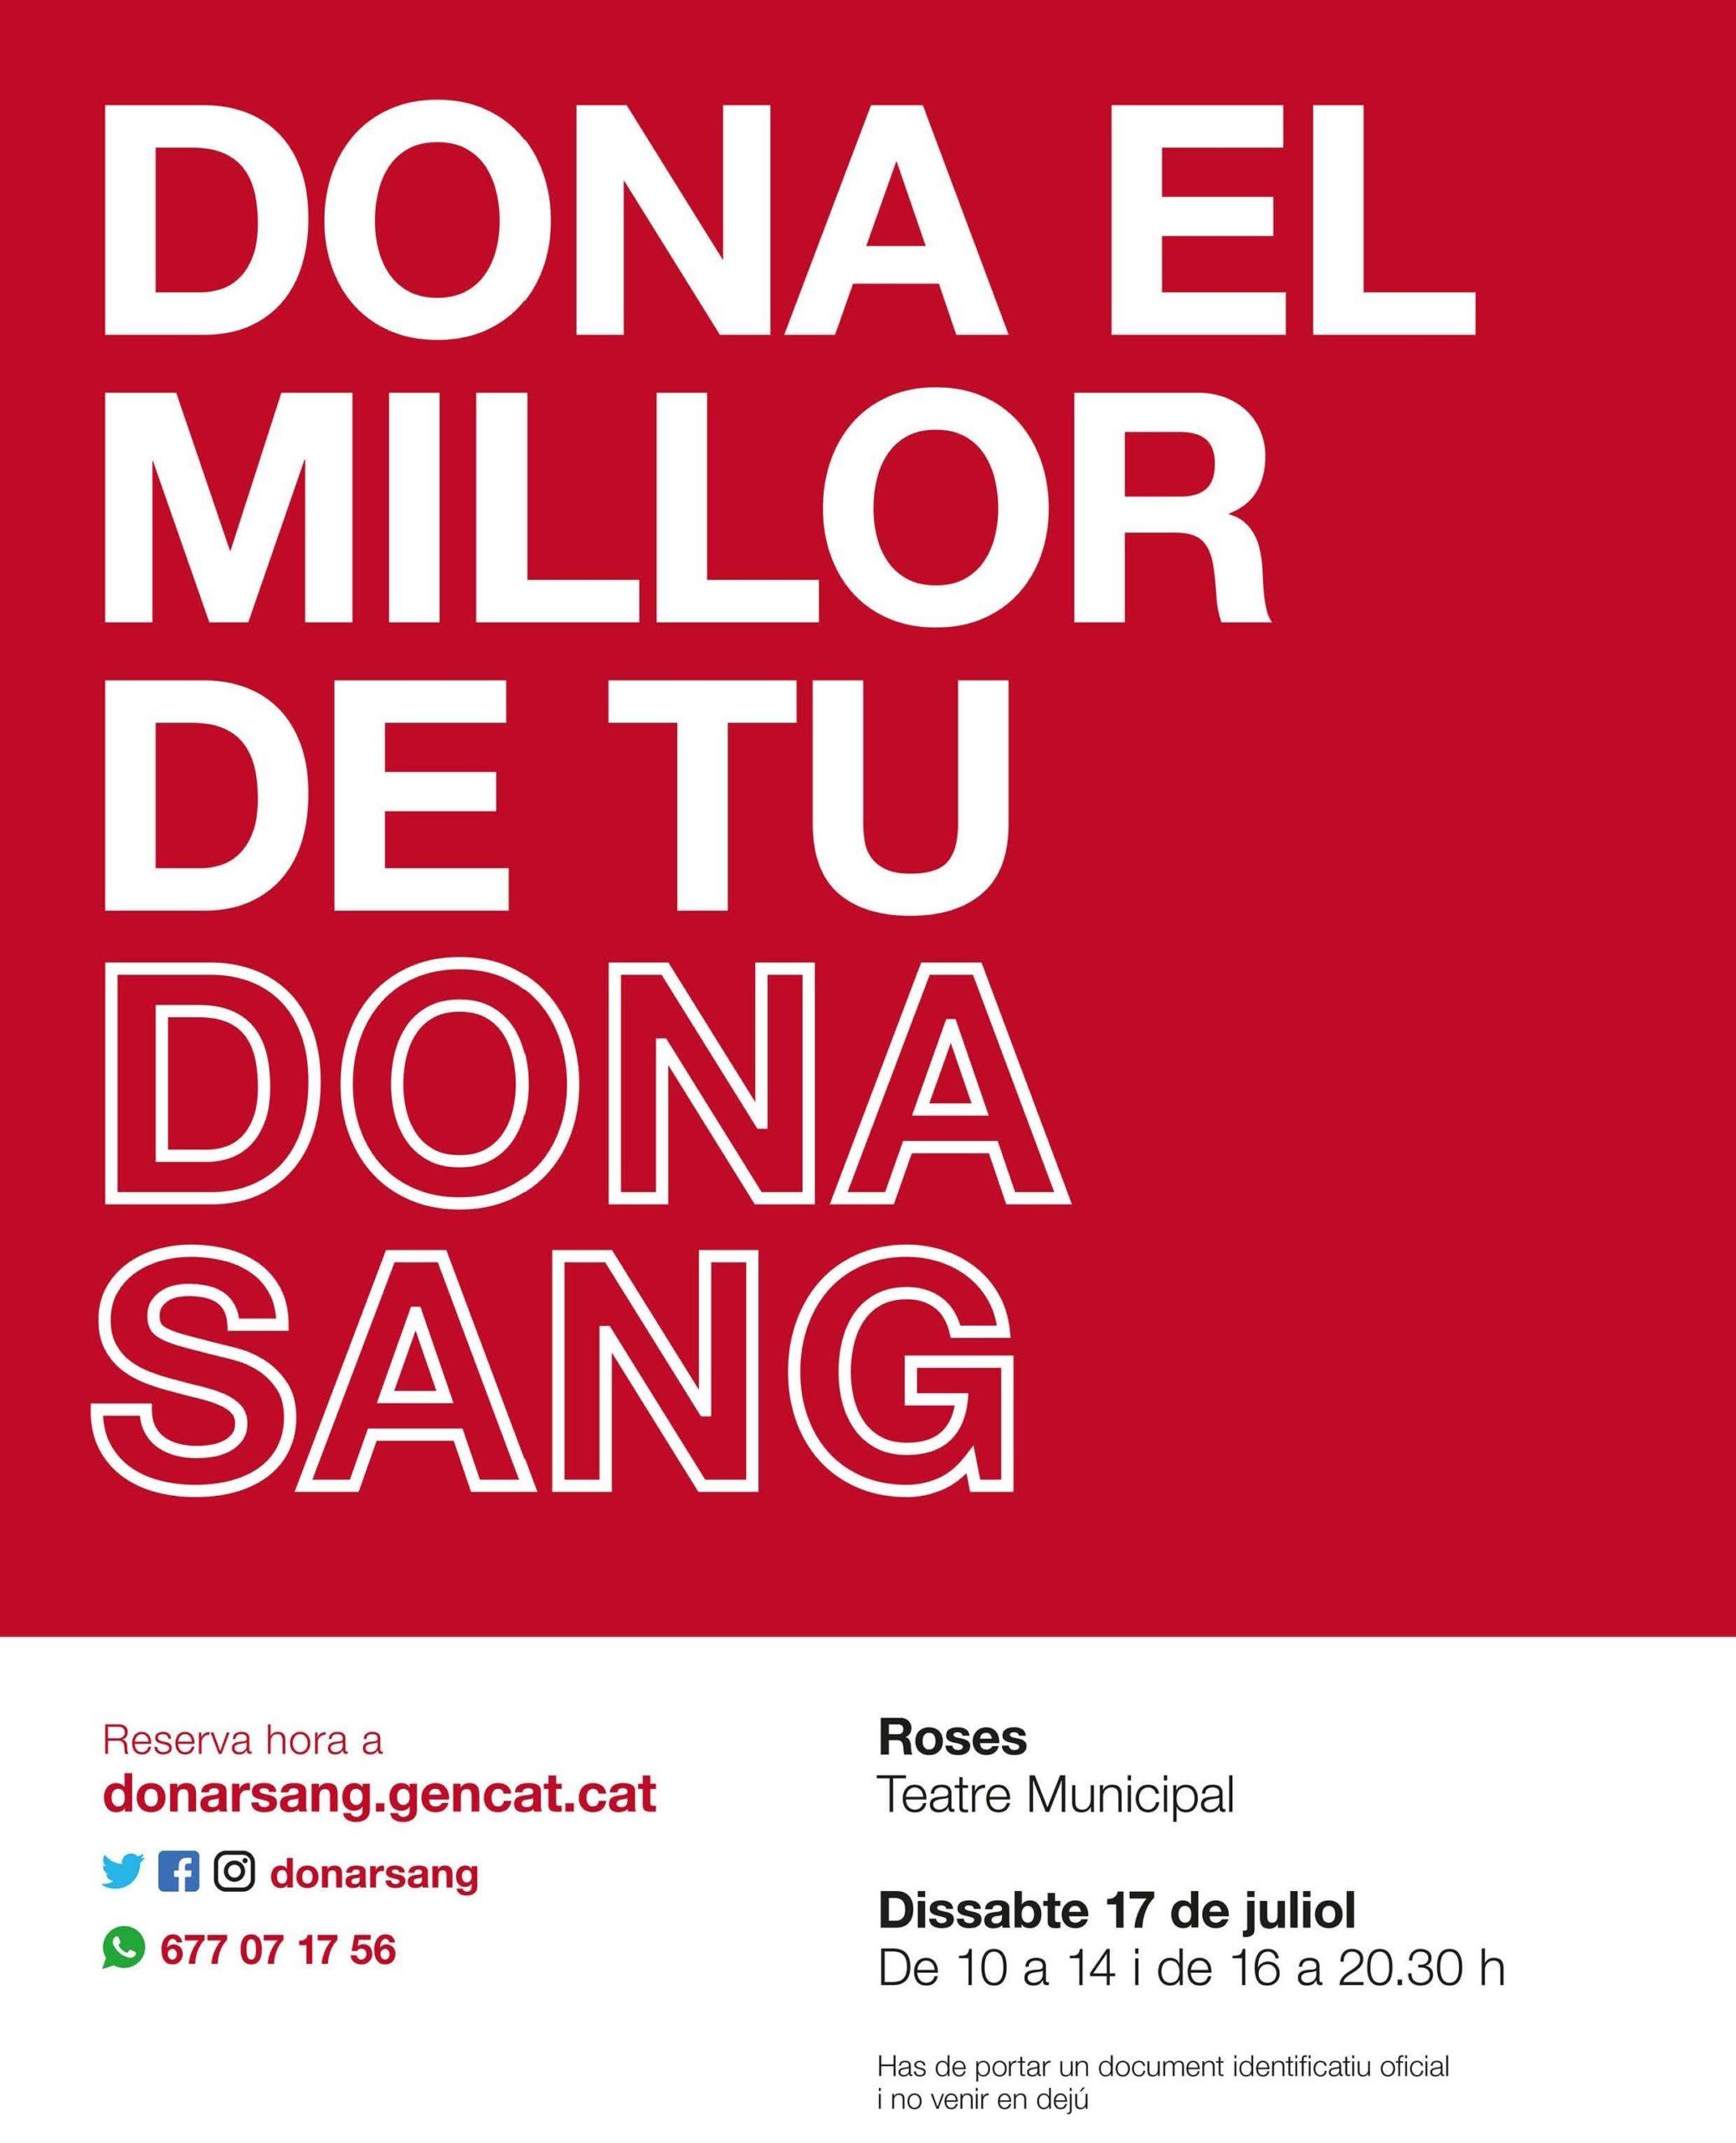 Aquest dissabte, 17 de juliol, donació de sang a Roses